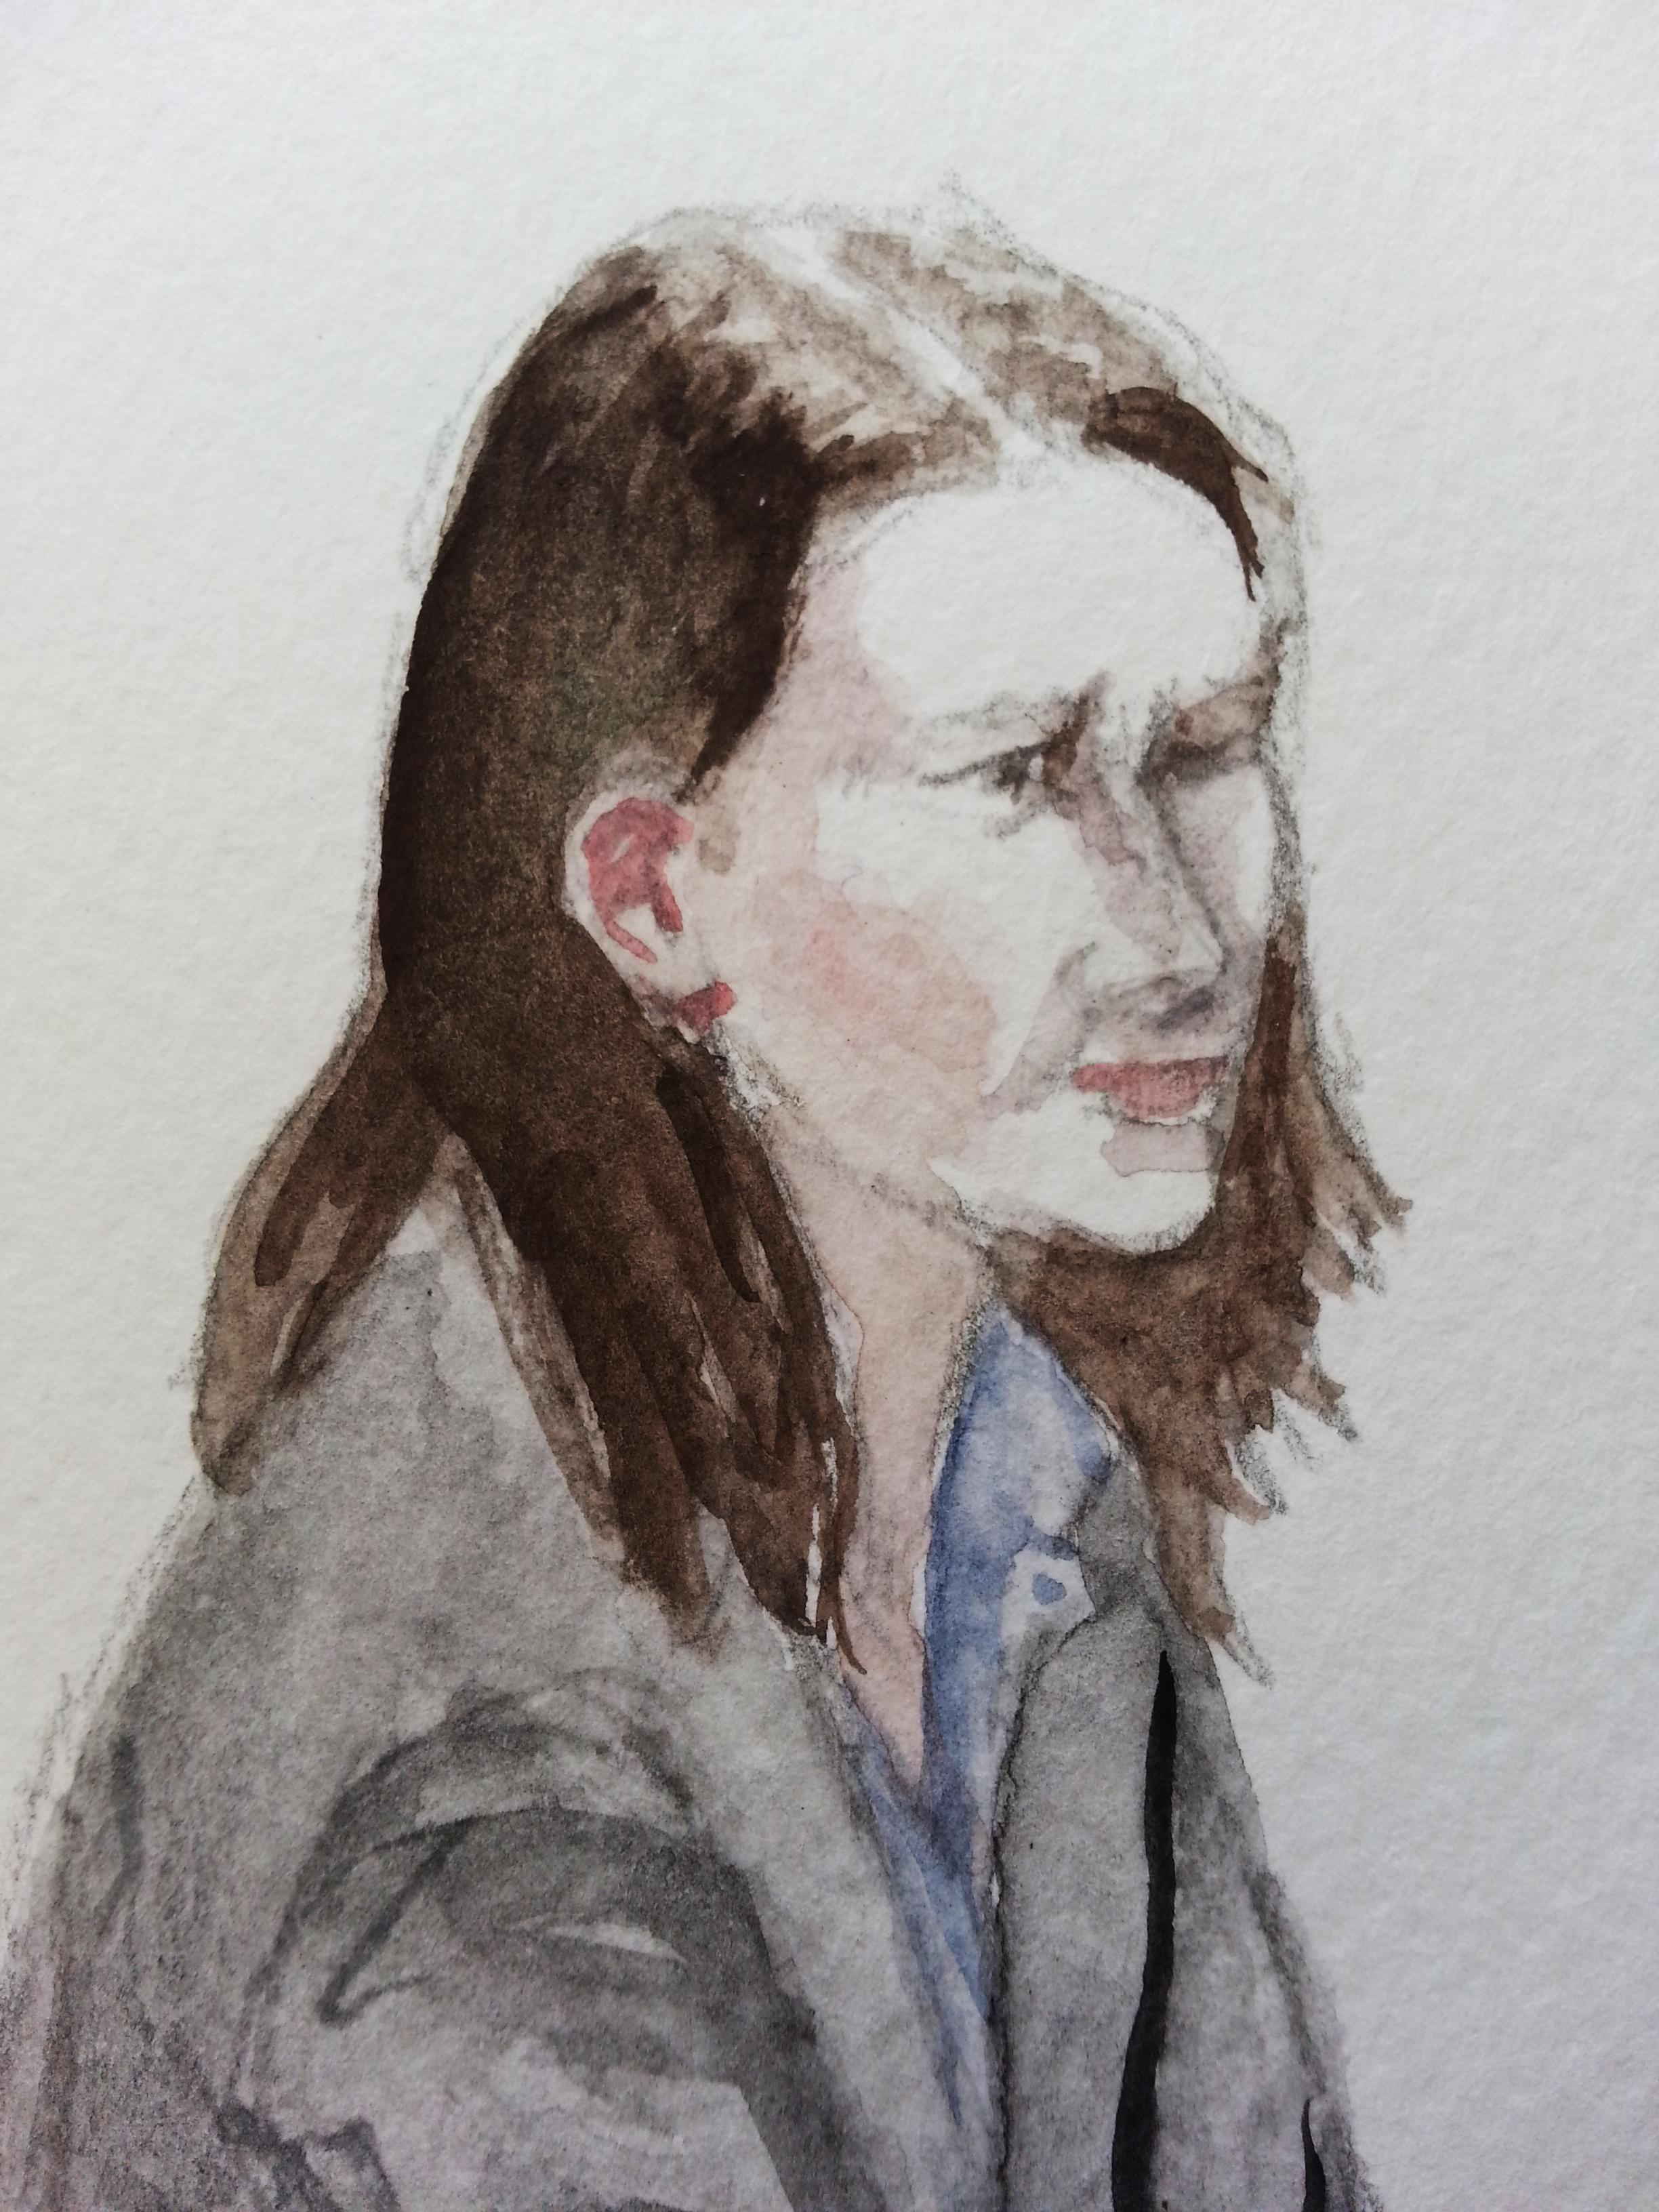 Zeugin Dr. H. F. bei ihrer Aussage. Zeichnung: Stella Schiffczyk. Alle Rechte vorbehalten.